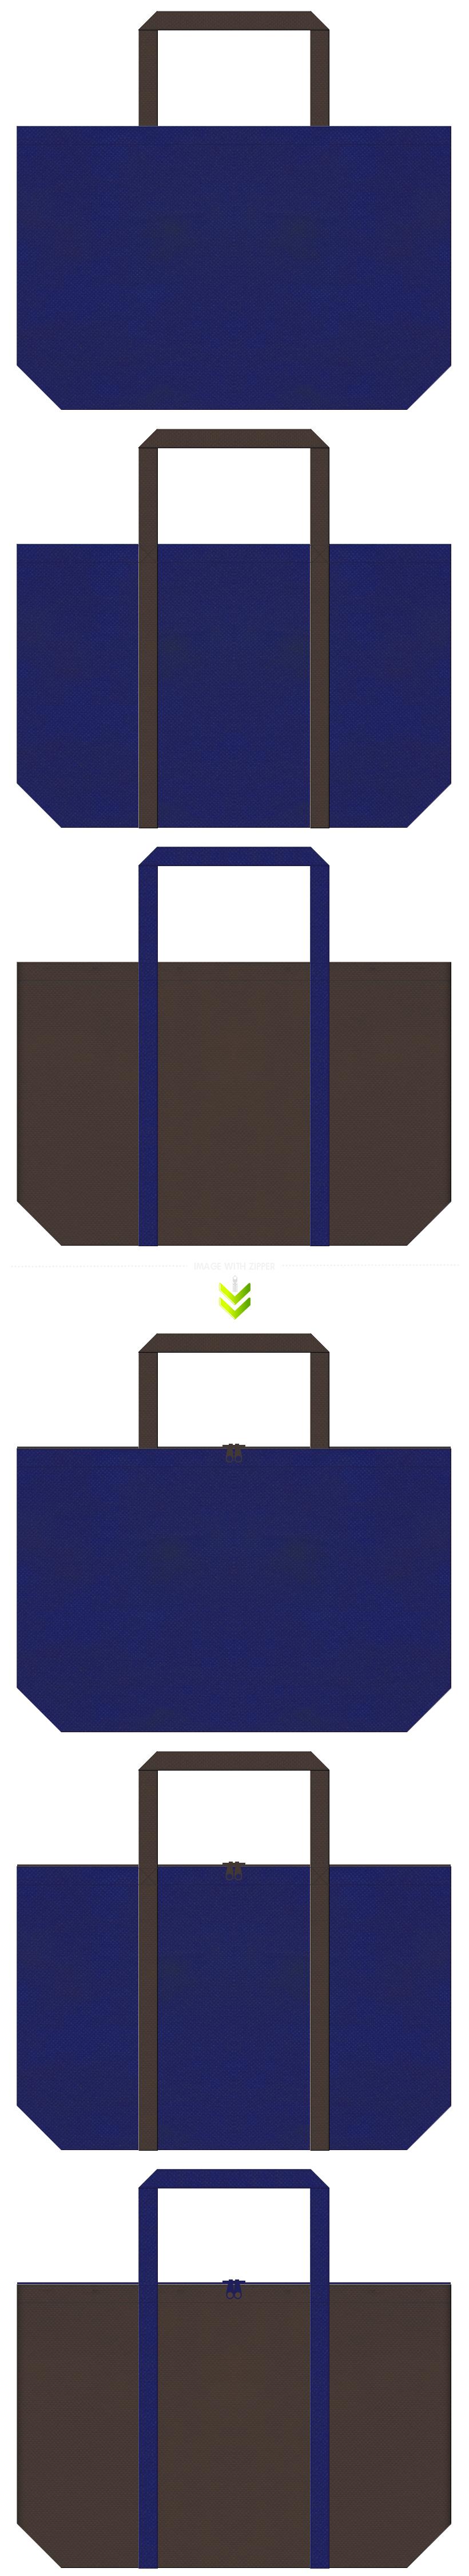 明るい紺色とこげ茶色の不織布エコバッグのデザイン。